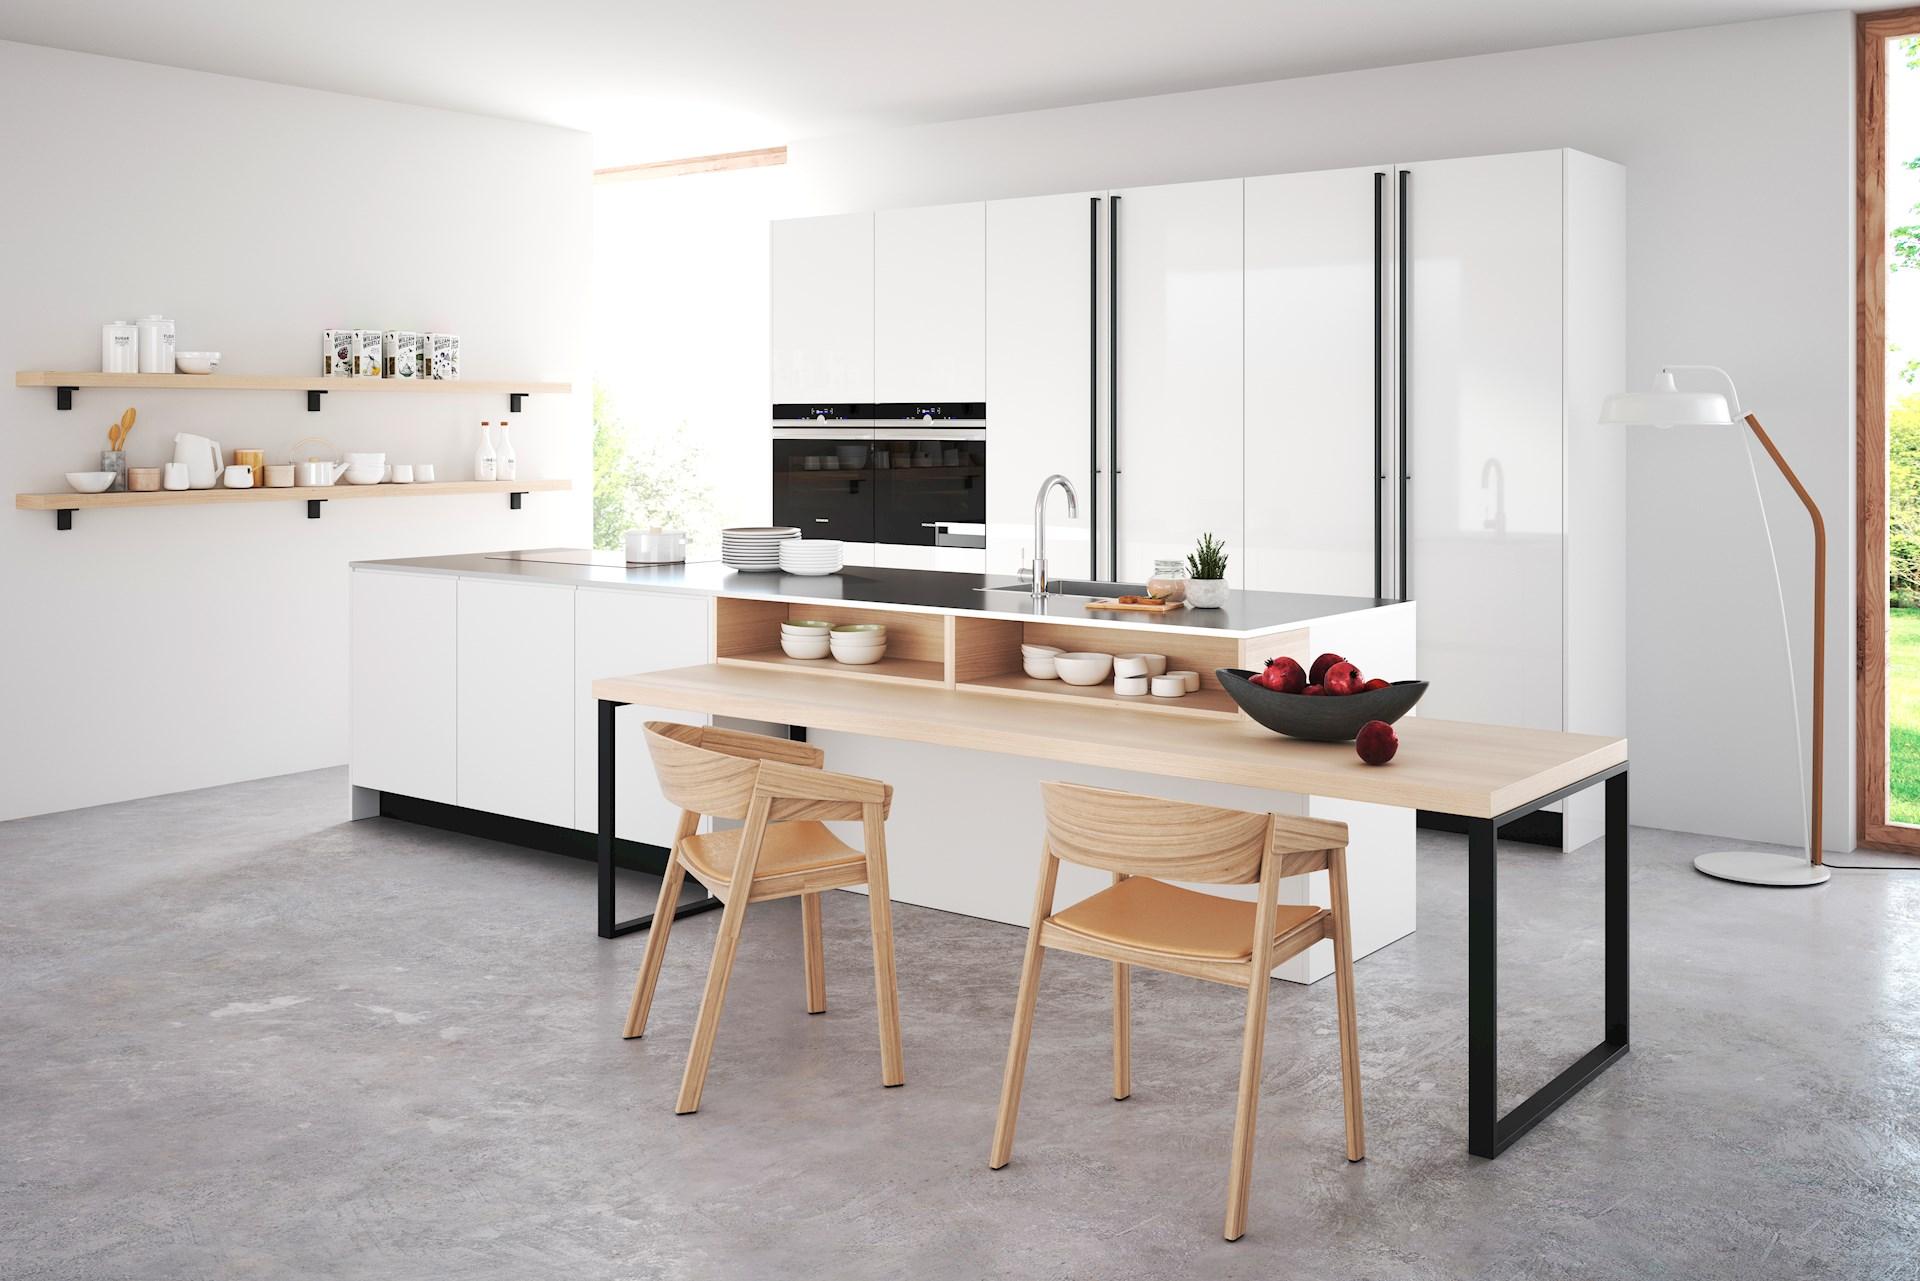 Hoek Keukens Showroom : Home zuid west hoek keukens